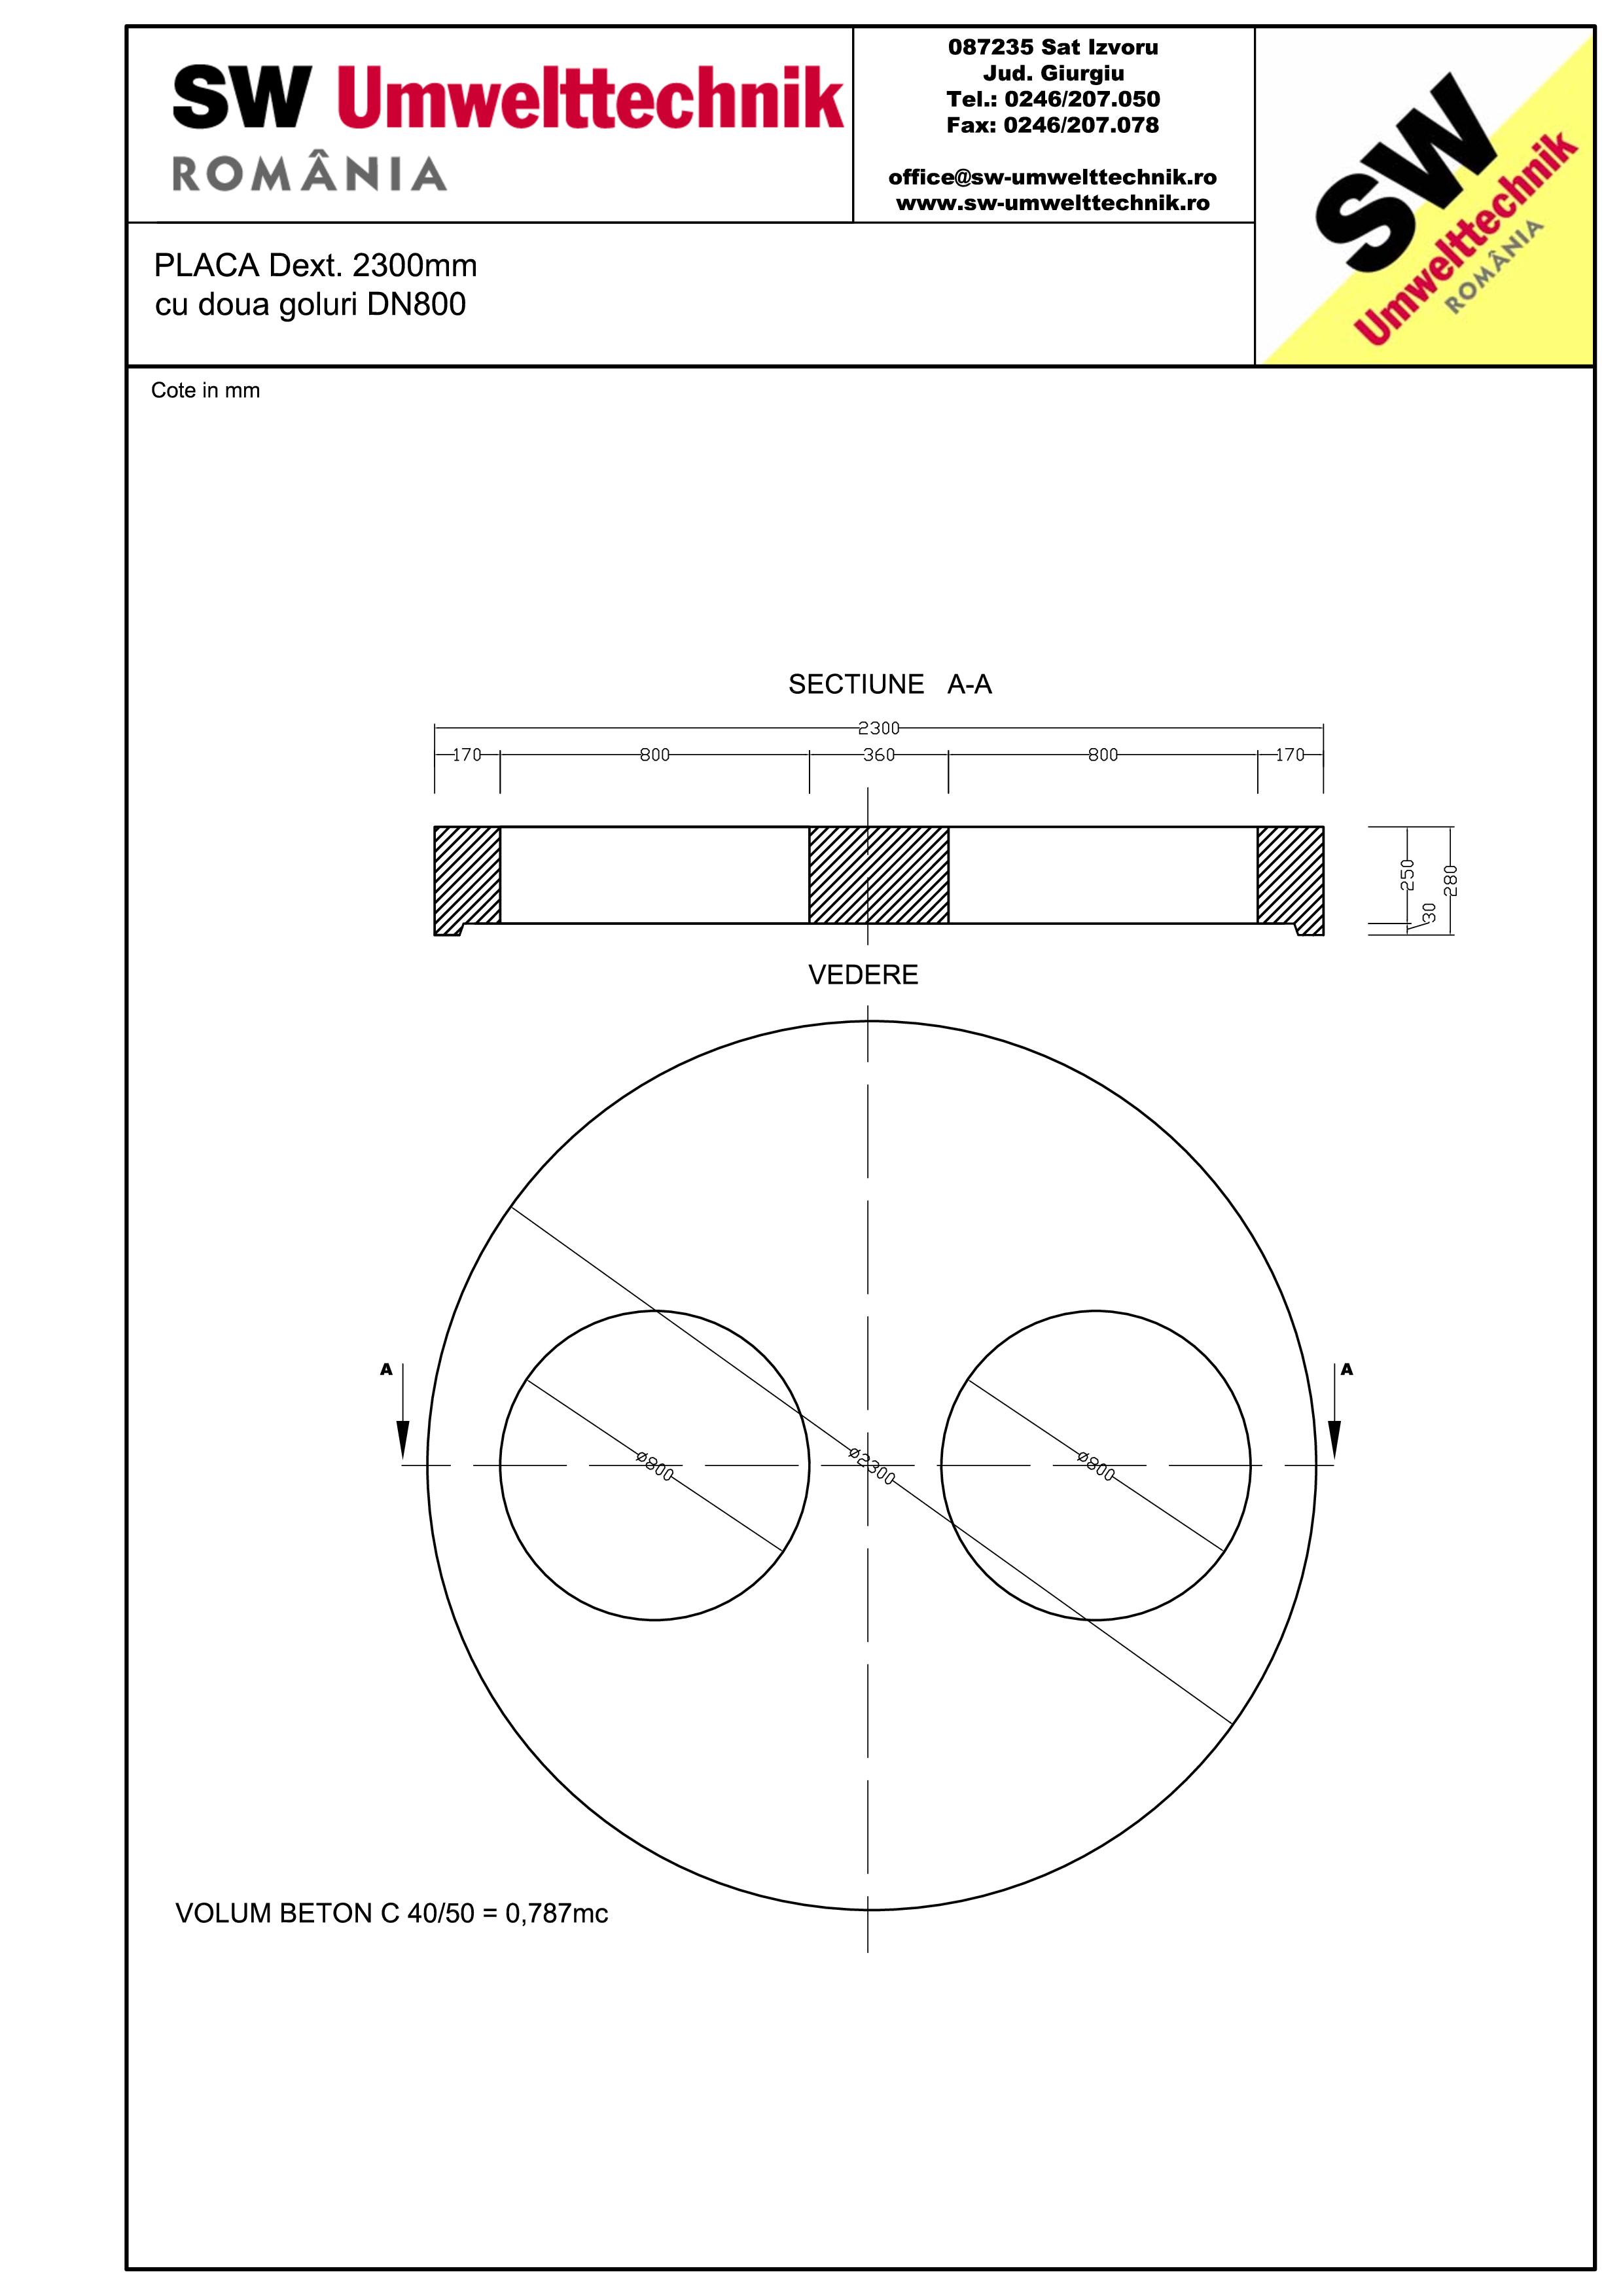 Pagina 1 - CAD-PDF Placa Dext.2300 H250 cu doua goluri DN800 SW UMWELTTECHNIK Detaliu de produs